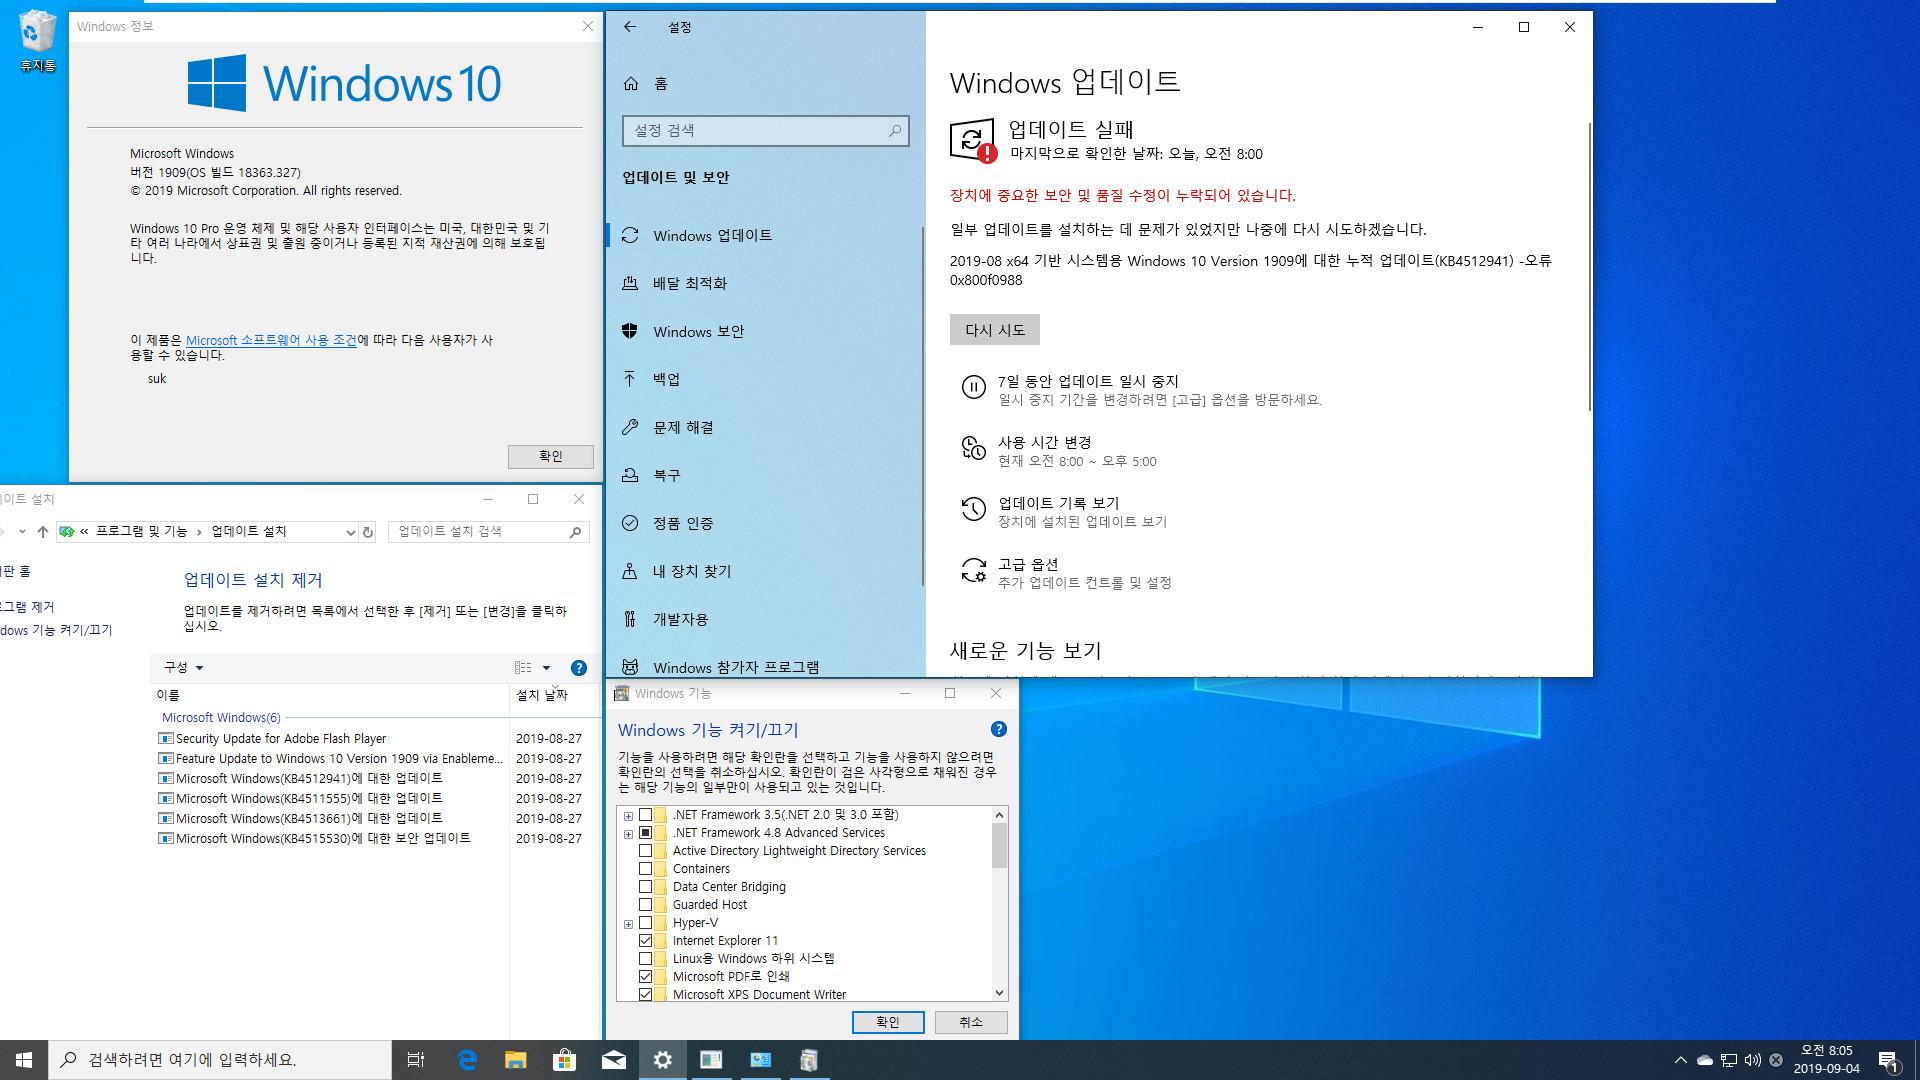 Windows 10 19H2 버전 1909 (OS 빌드 18363.327) 릴리스 프리뷰 - ms 에서 배포한 iso - 설치 테스트 - ms 계정으로 릴리스 프리뷰로 윈도 업데이트 - 그래도 18363.329 누적 업데이트 KB4512941 설치 실패 2019-09-04_080508.jpg